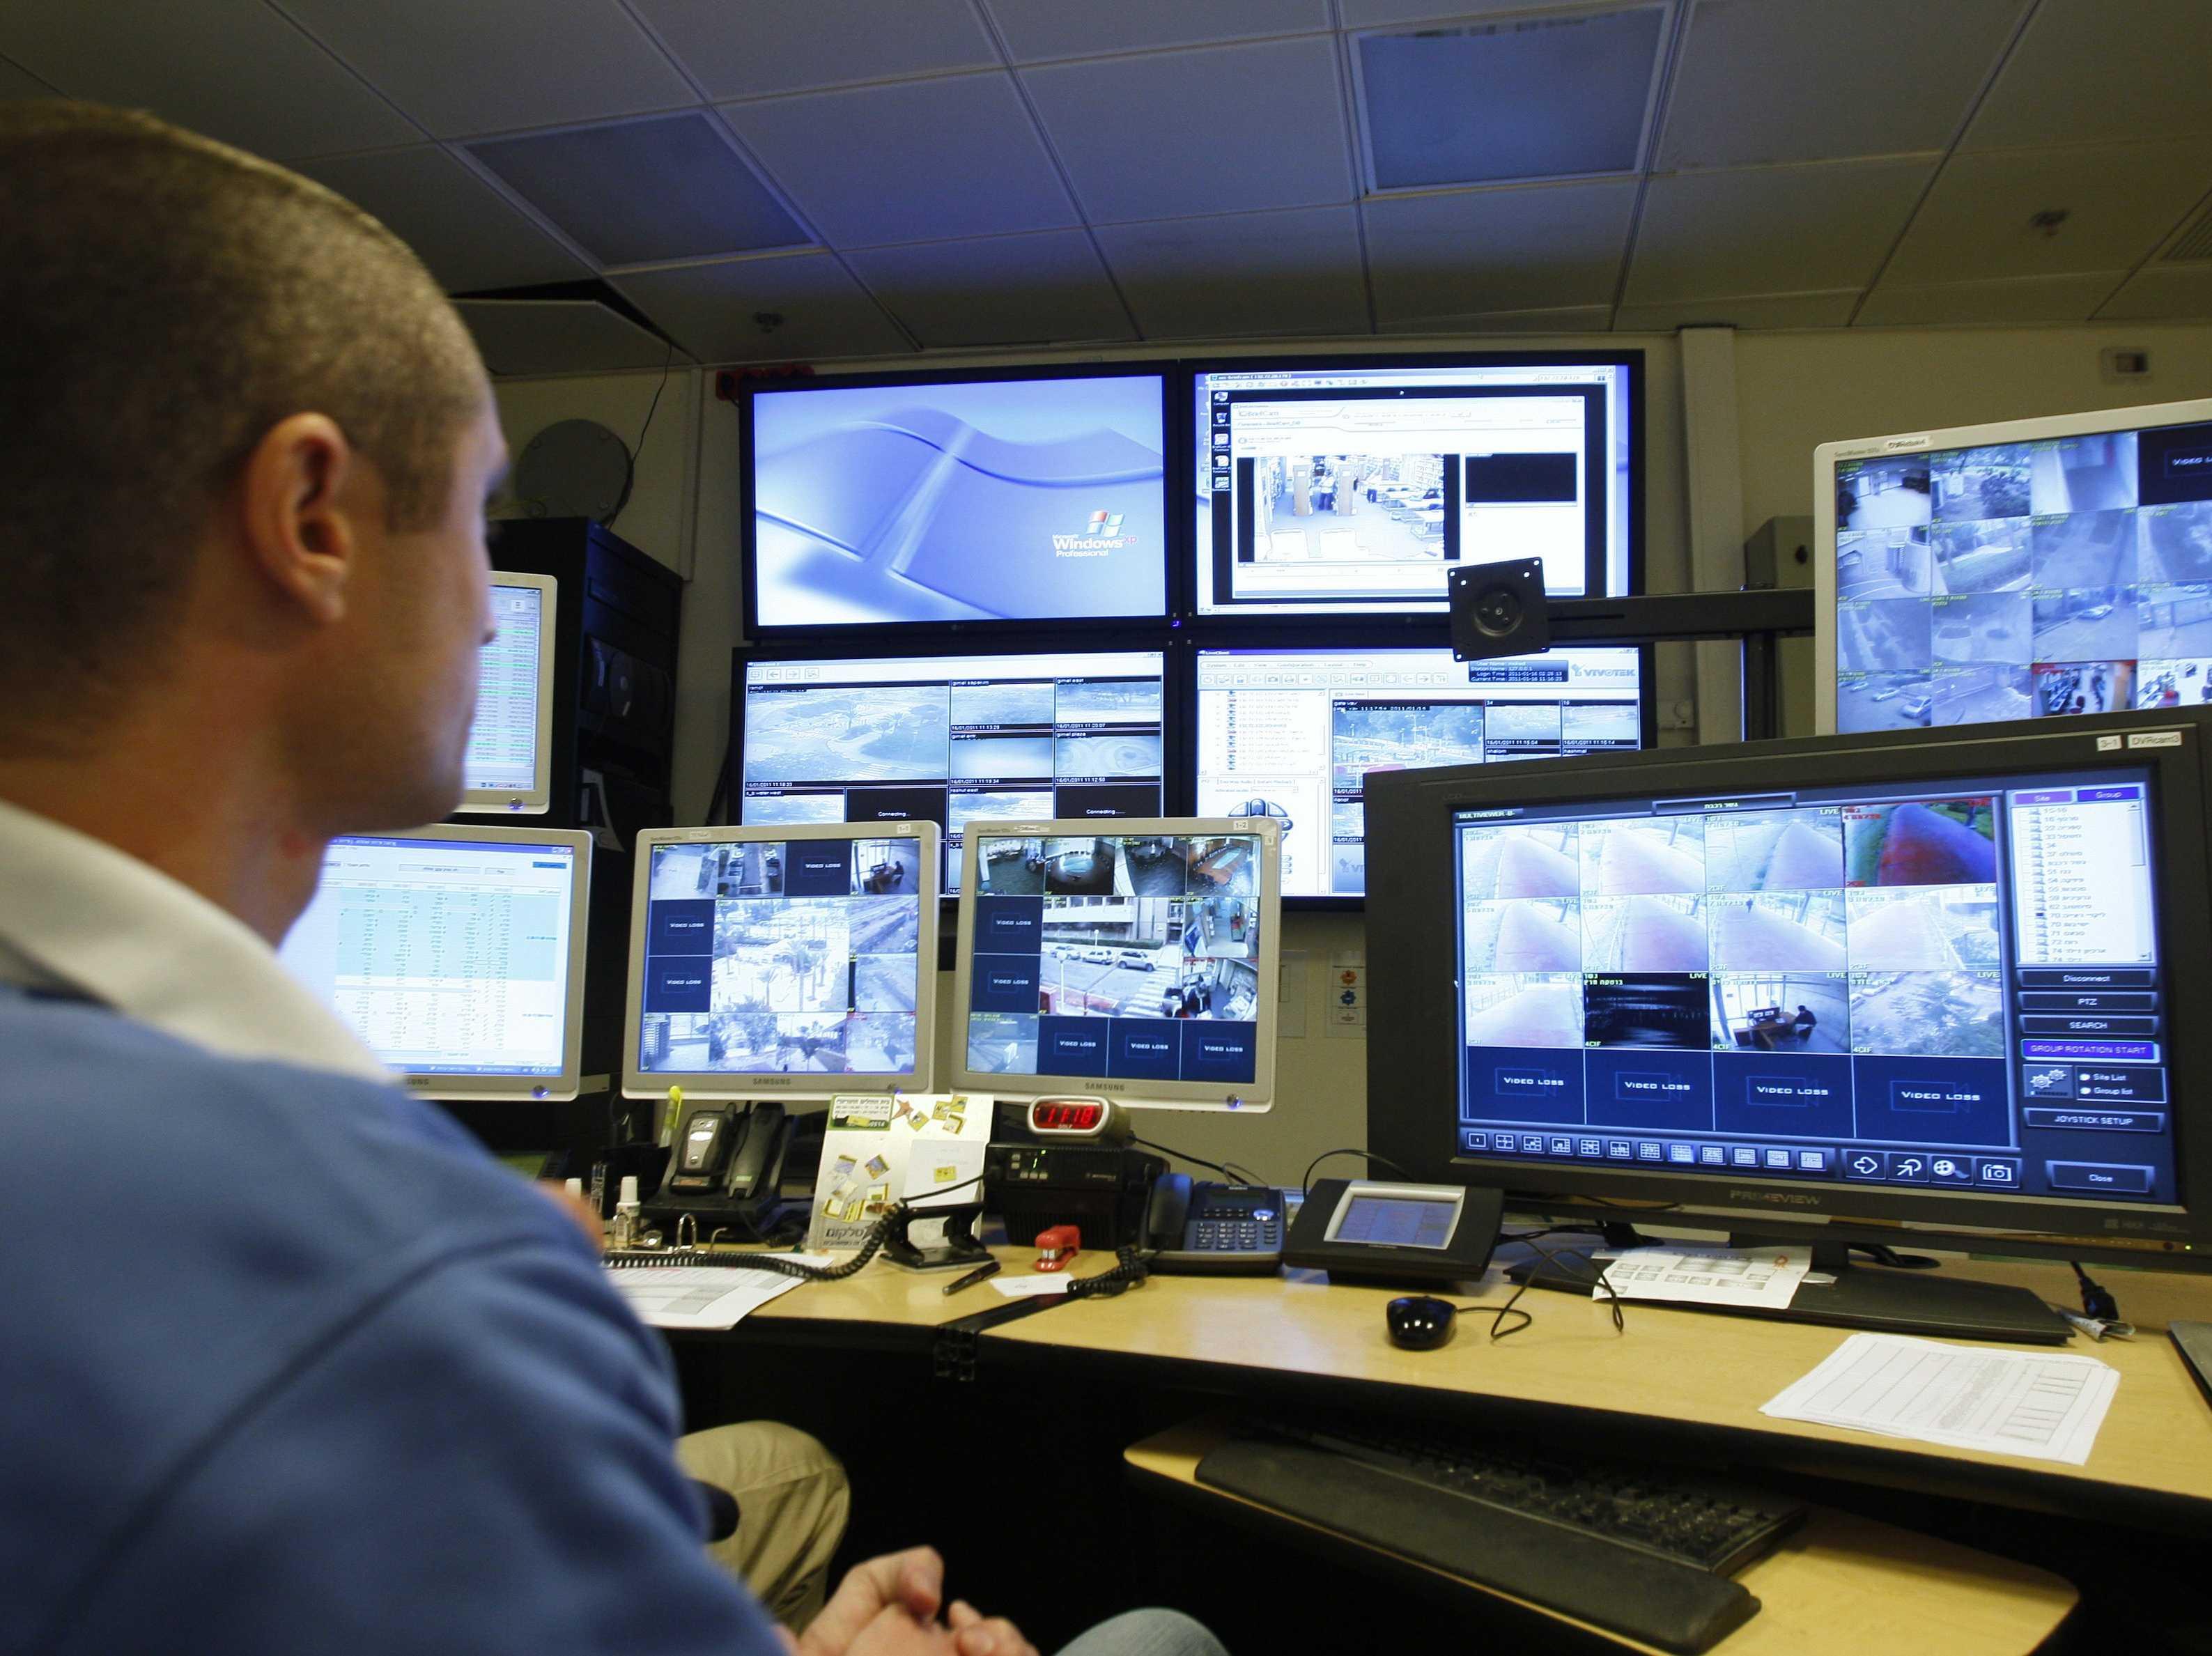 توظيف التقنيات المتقدمة في الجهد الحربي الإسرائيلي